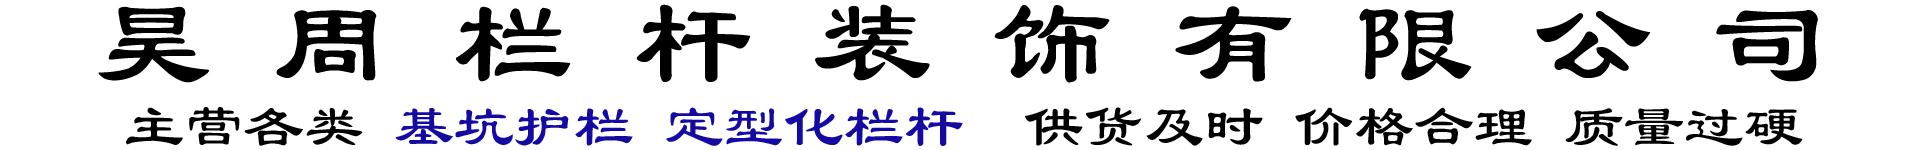 福建昊周装饰工程有限公司